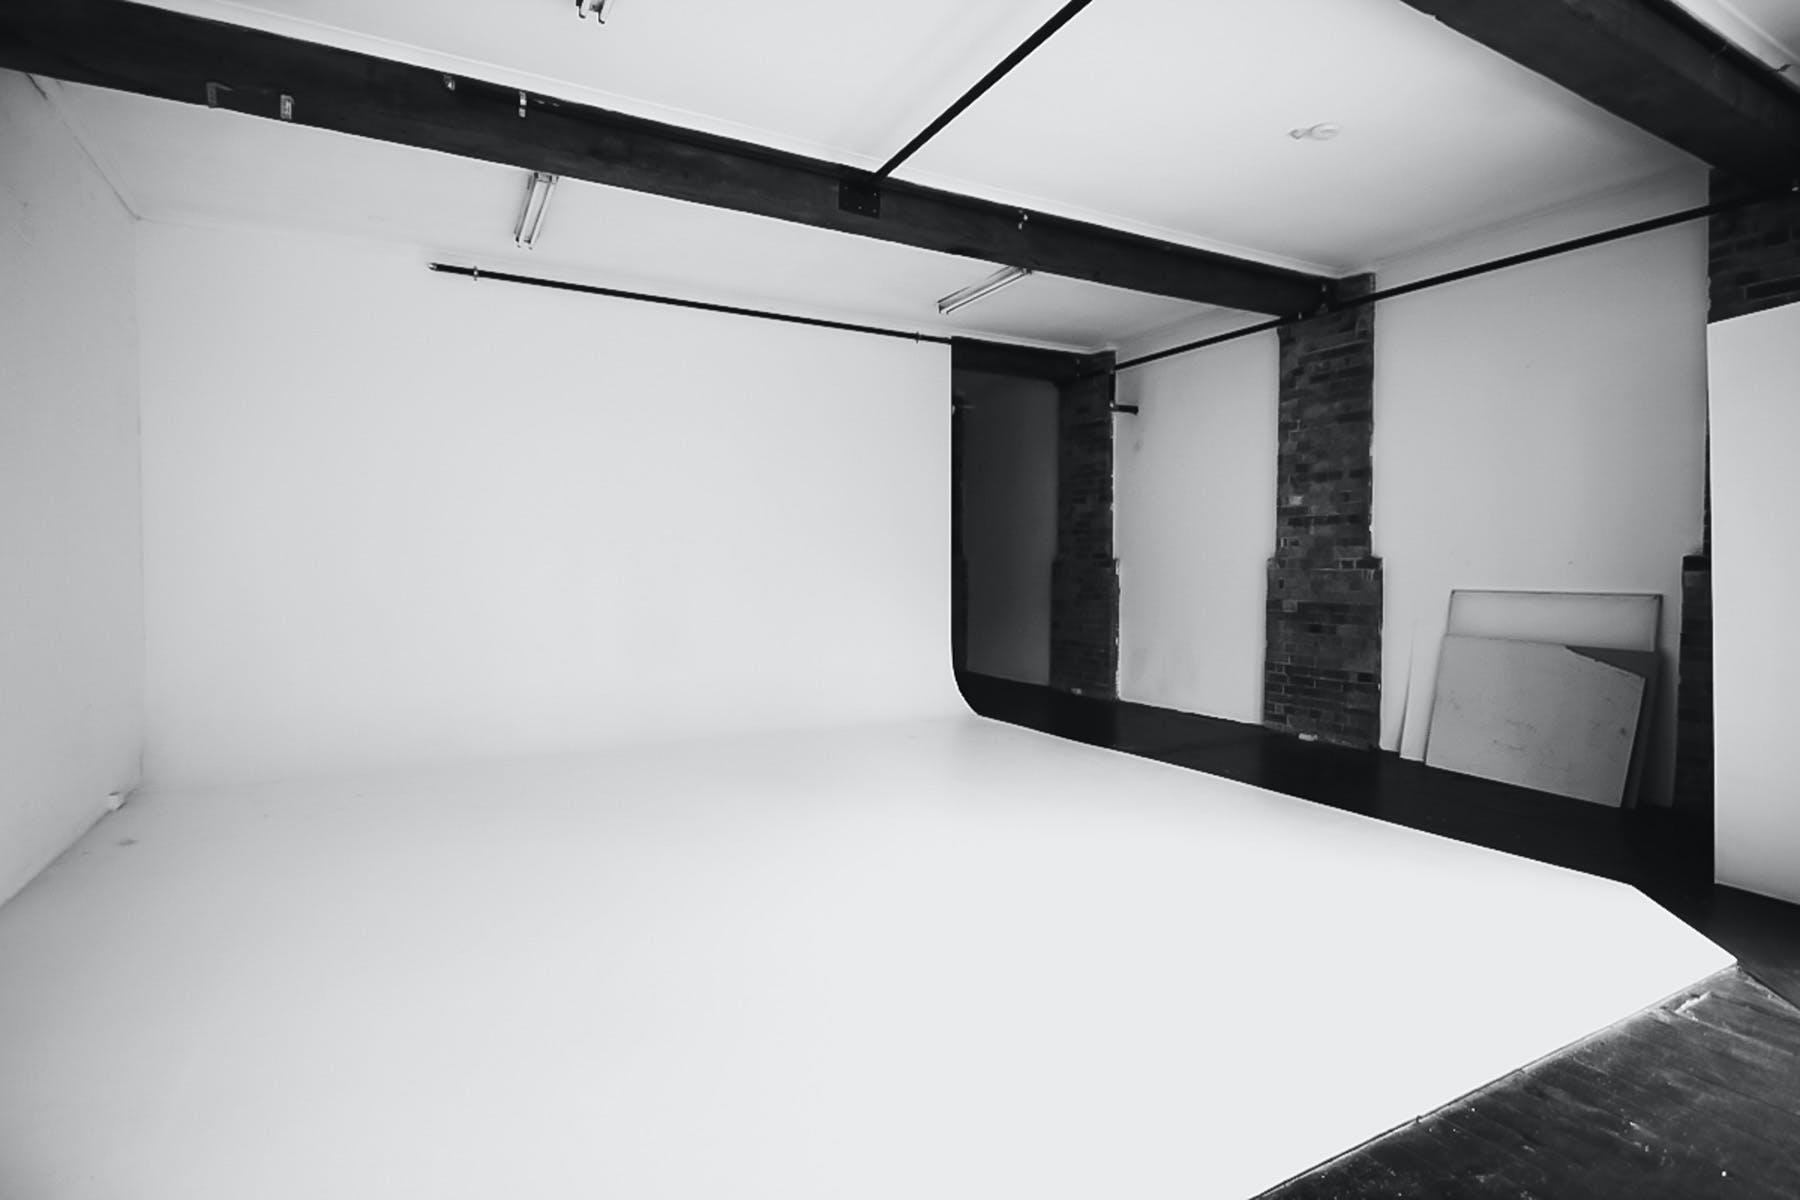 Photography Studio, creative studio at Black Door Studio, image 3